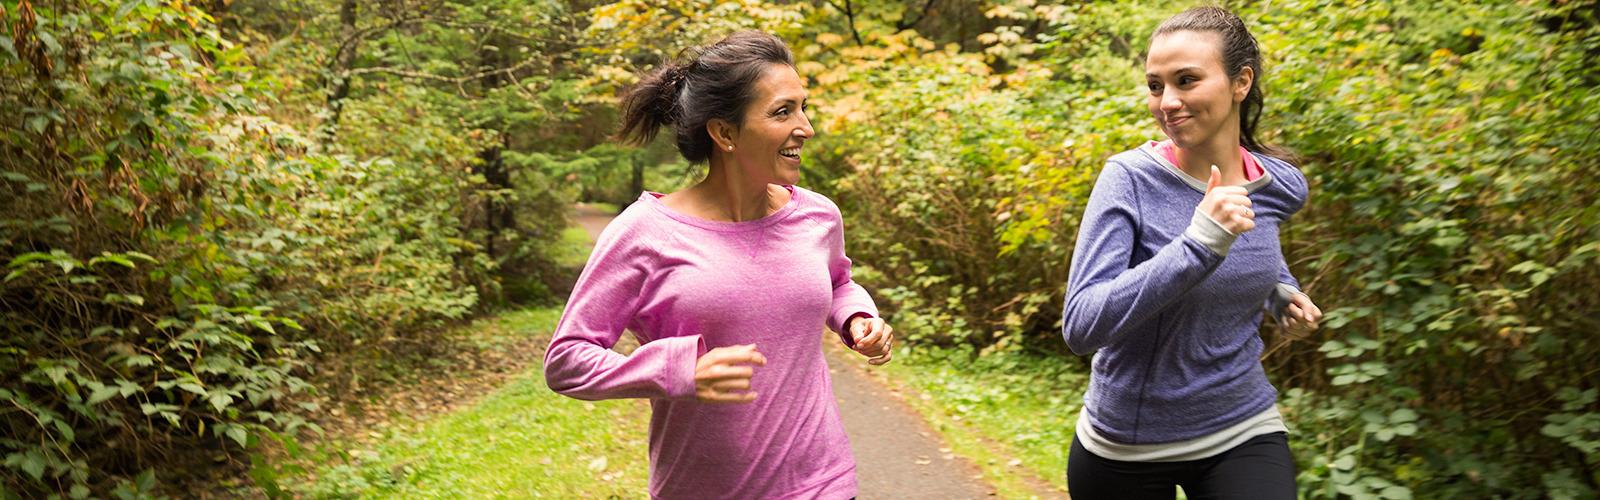 Két nő fut az erdőben